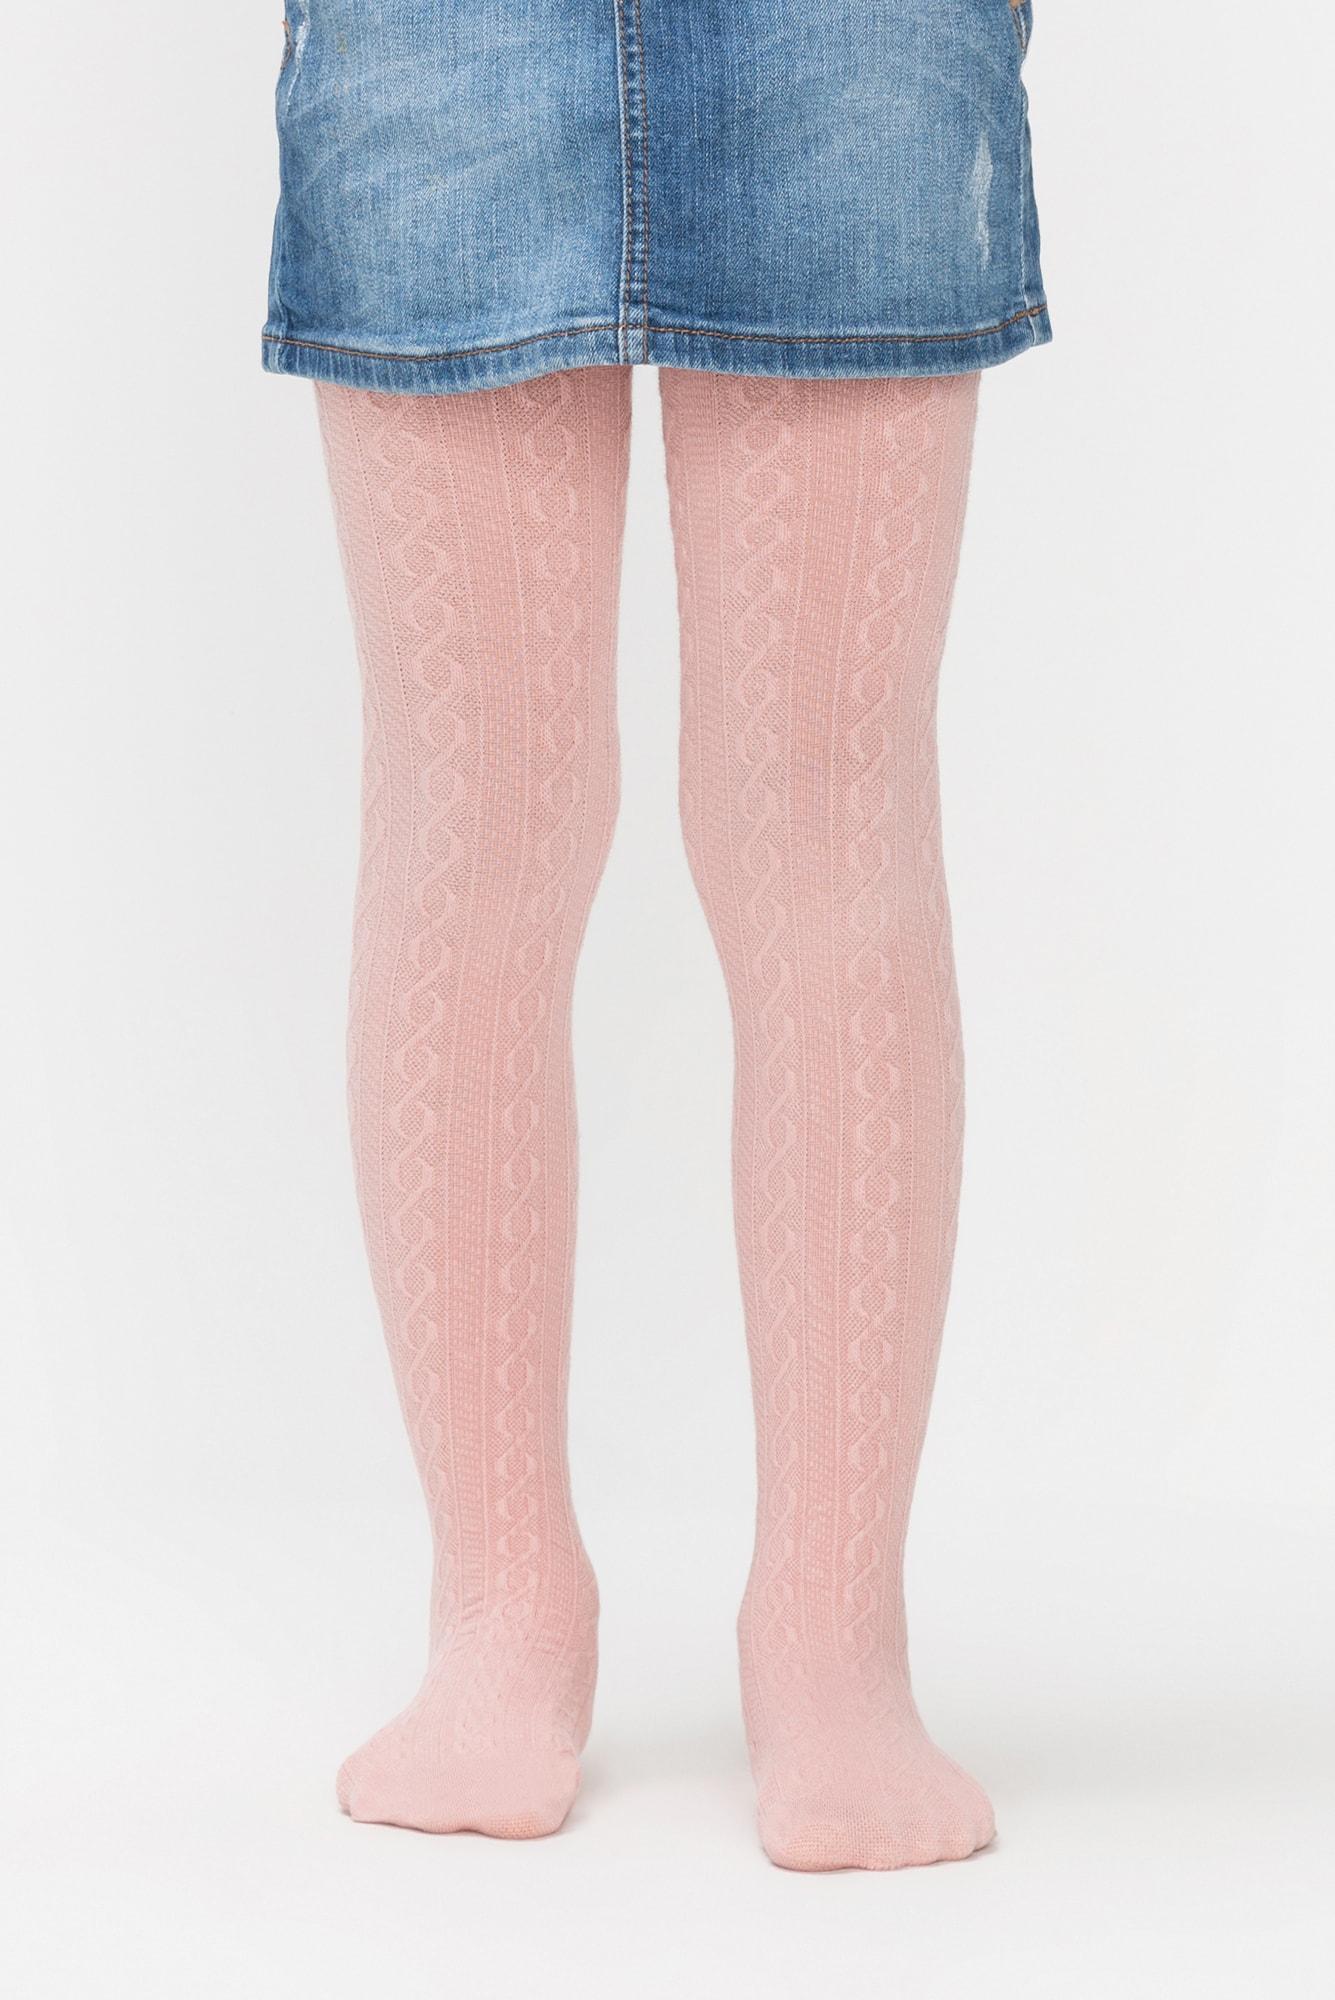 پنتی | Penti - جوراب شلواری دخترانه طرح Karina رنگ صورتی آنتیک